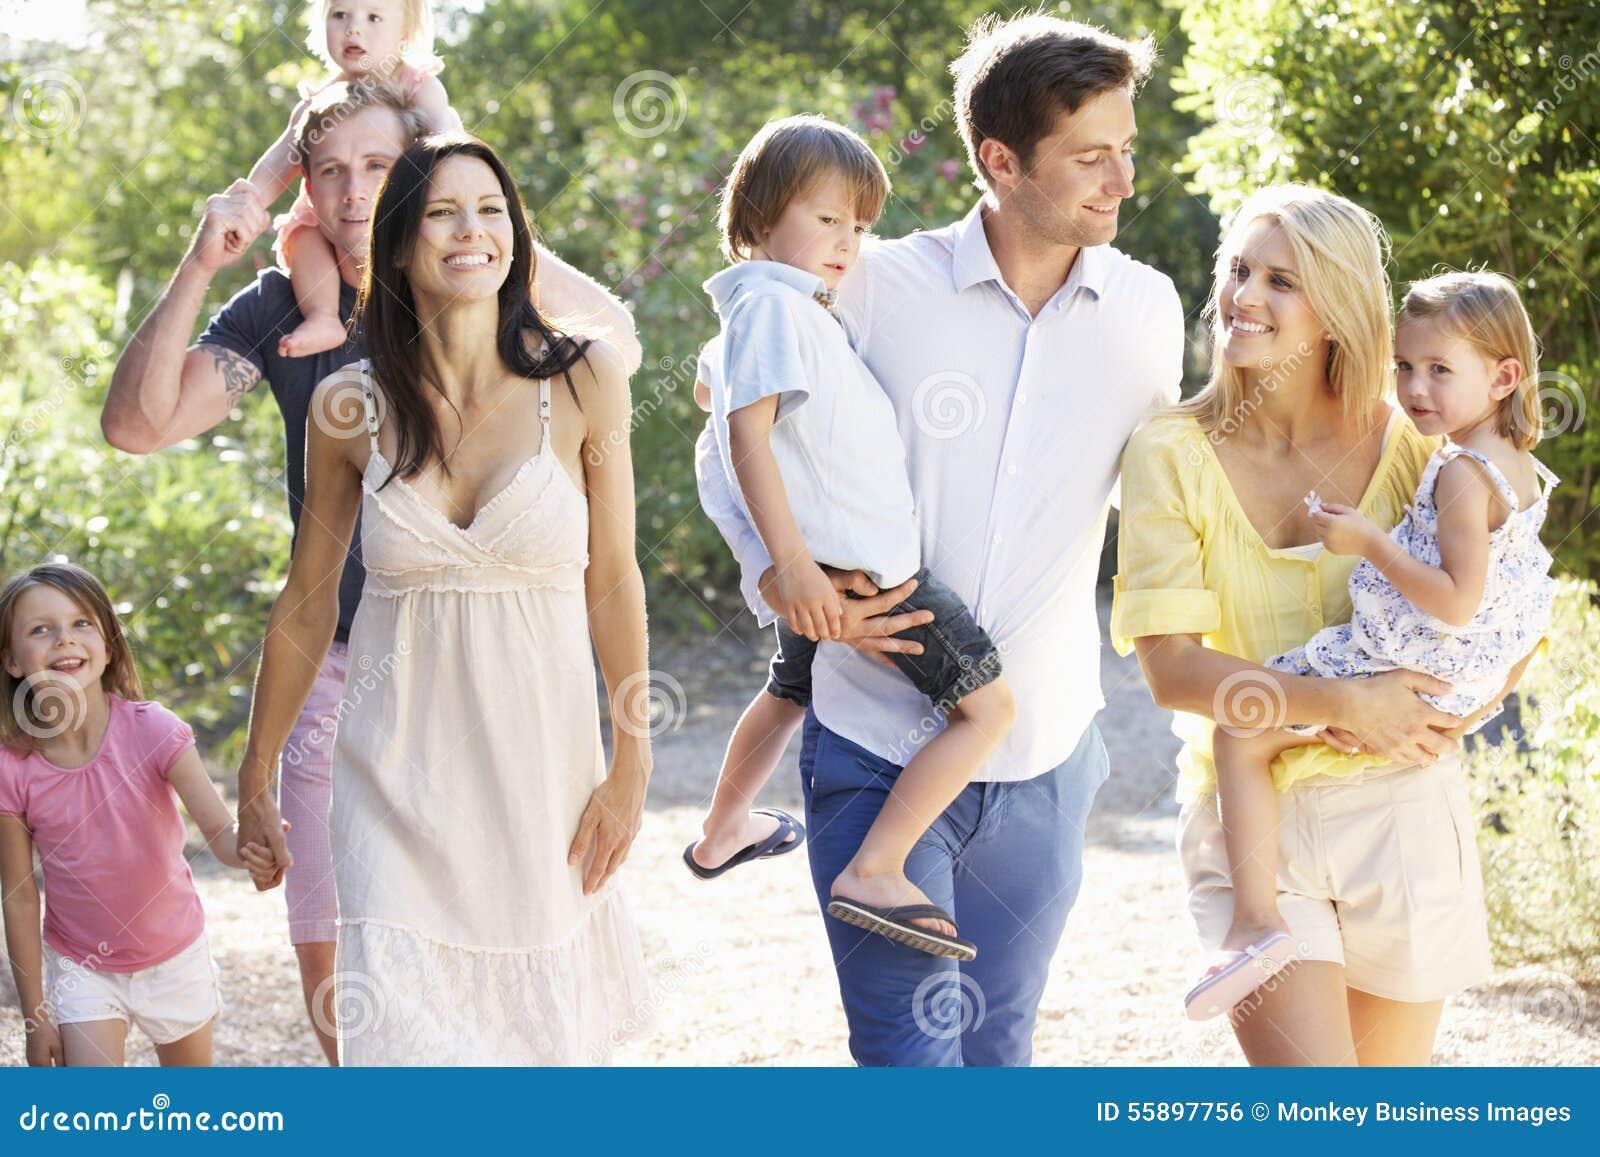 Zwei Familien auf Land gehen zusammen